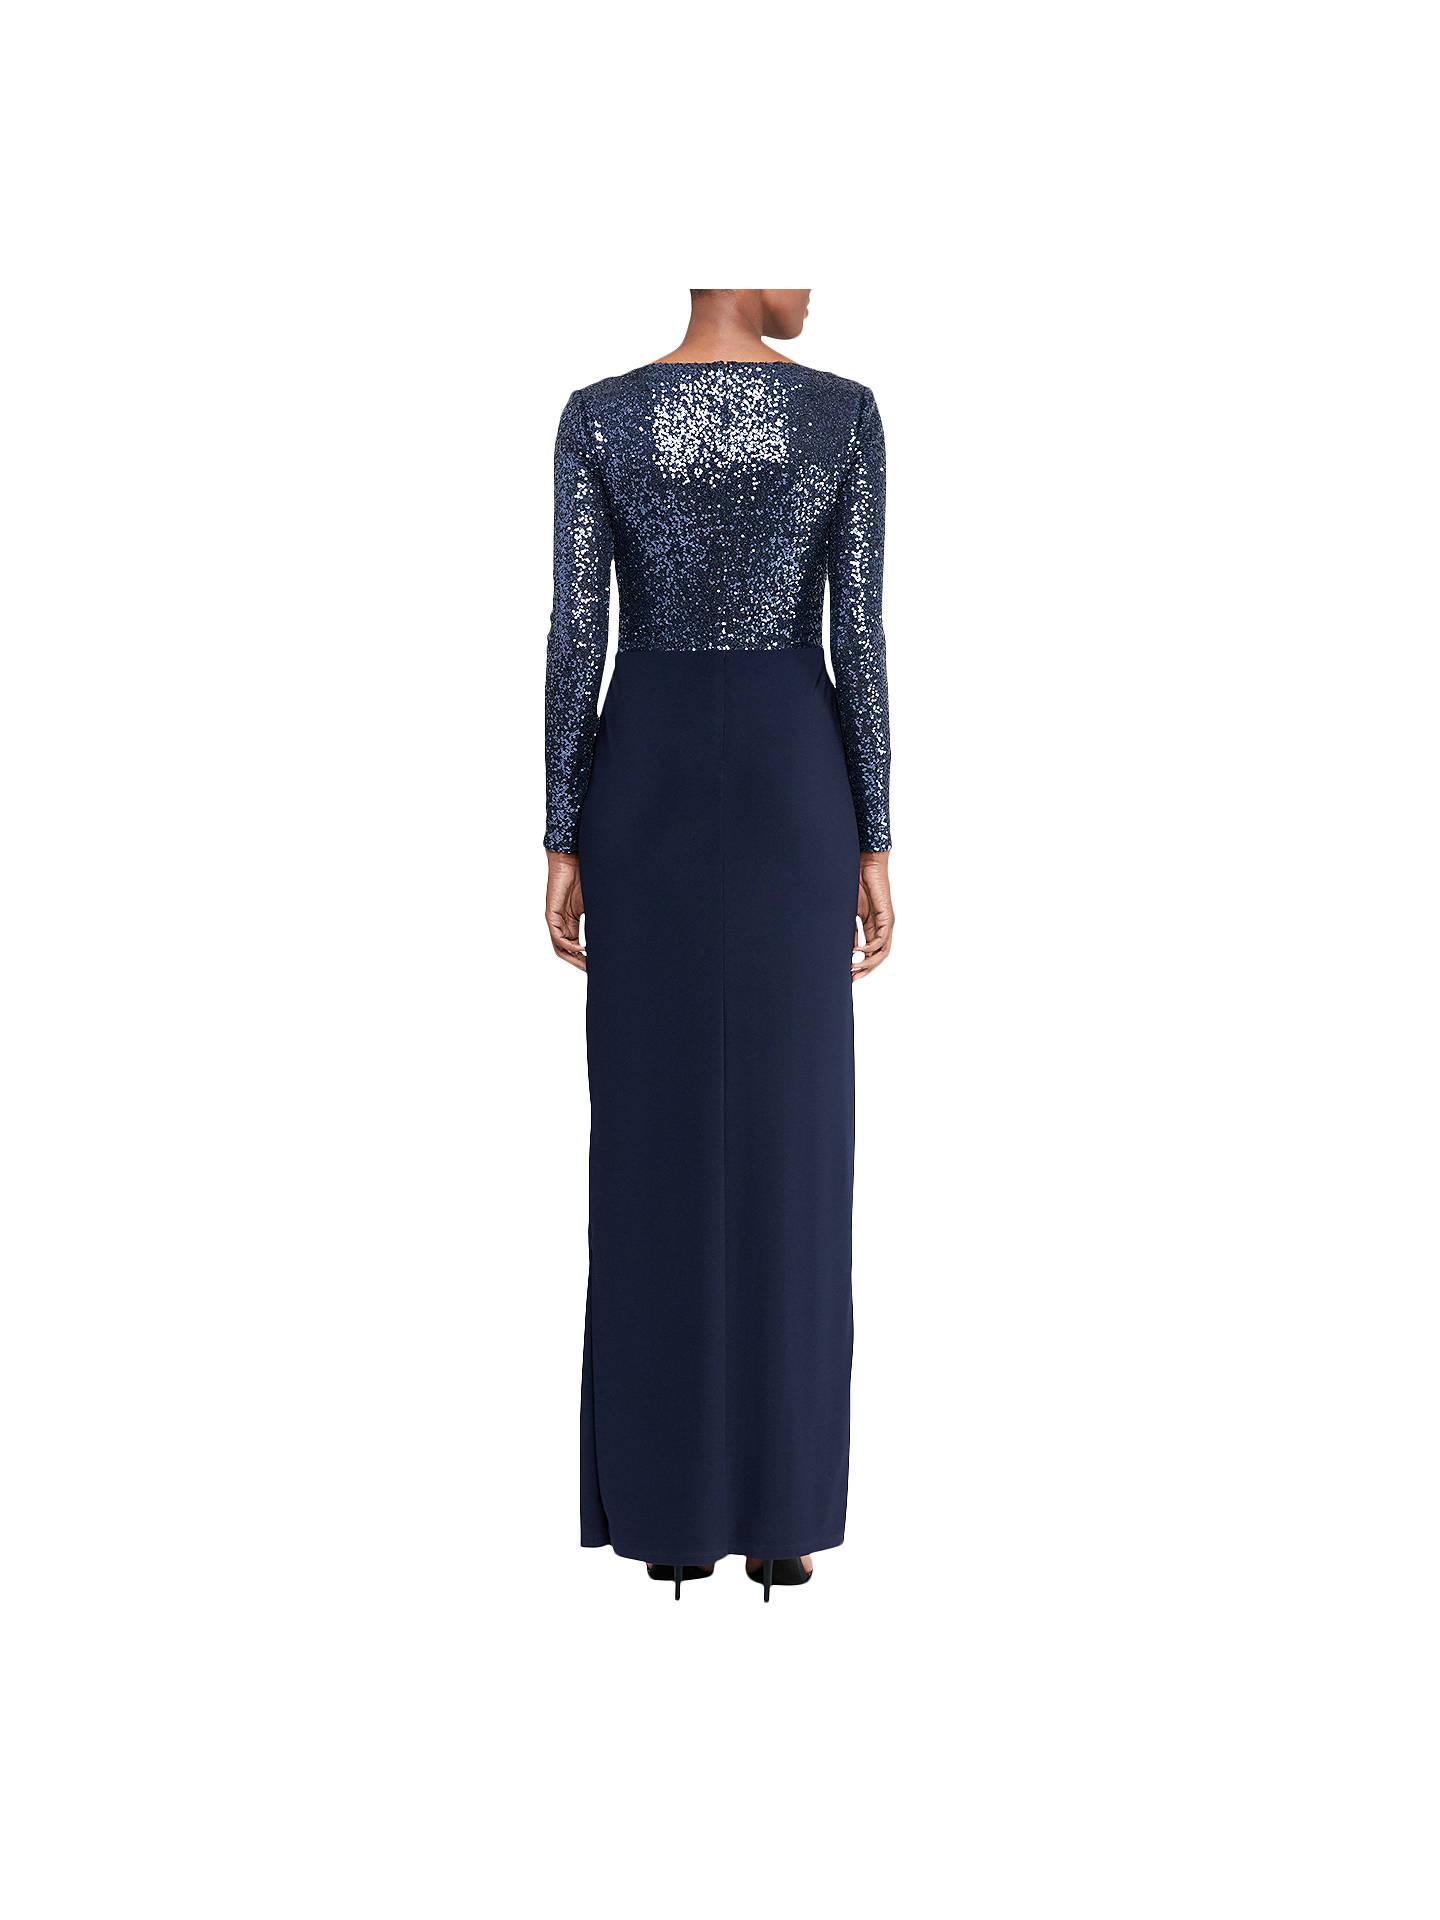 38134d03247 Buy Lauren Ralph Lauren Sequin Maxi Dress